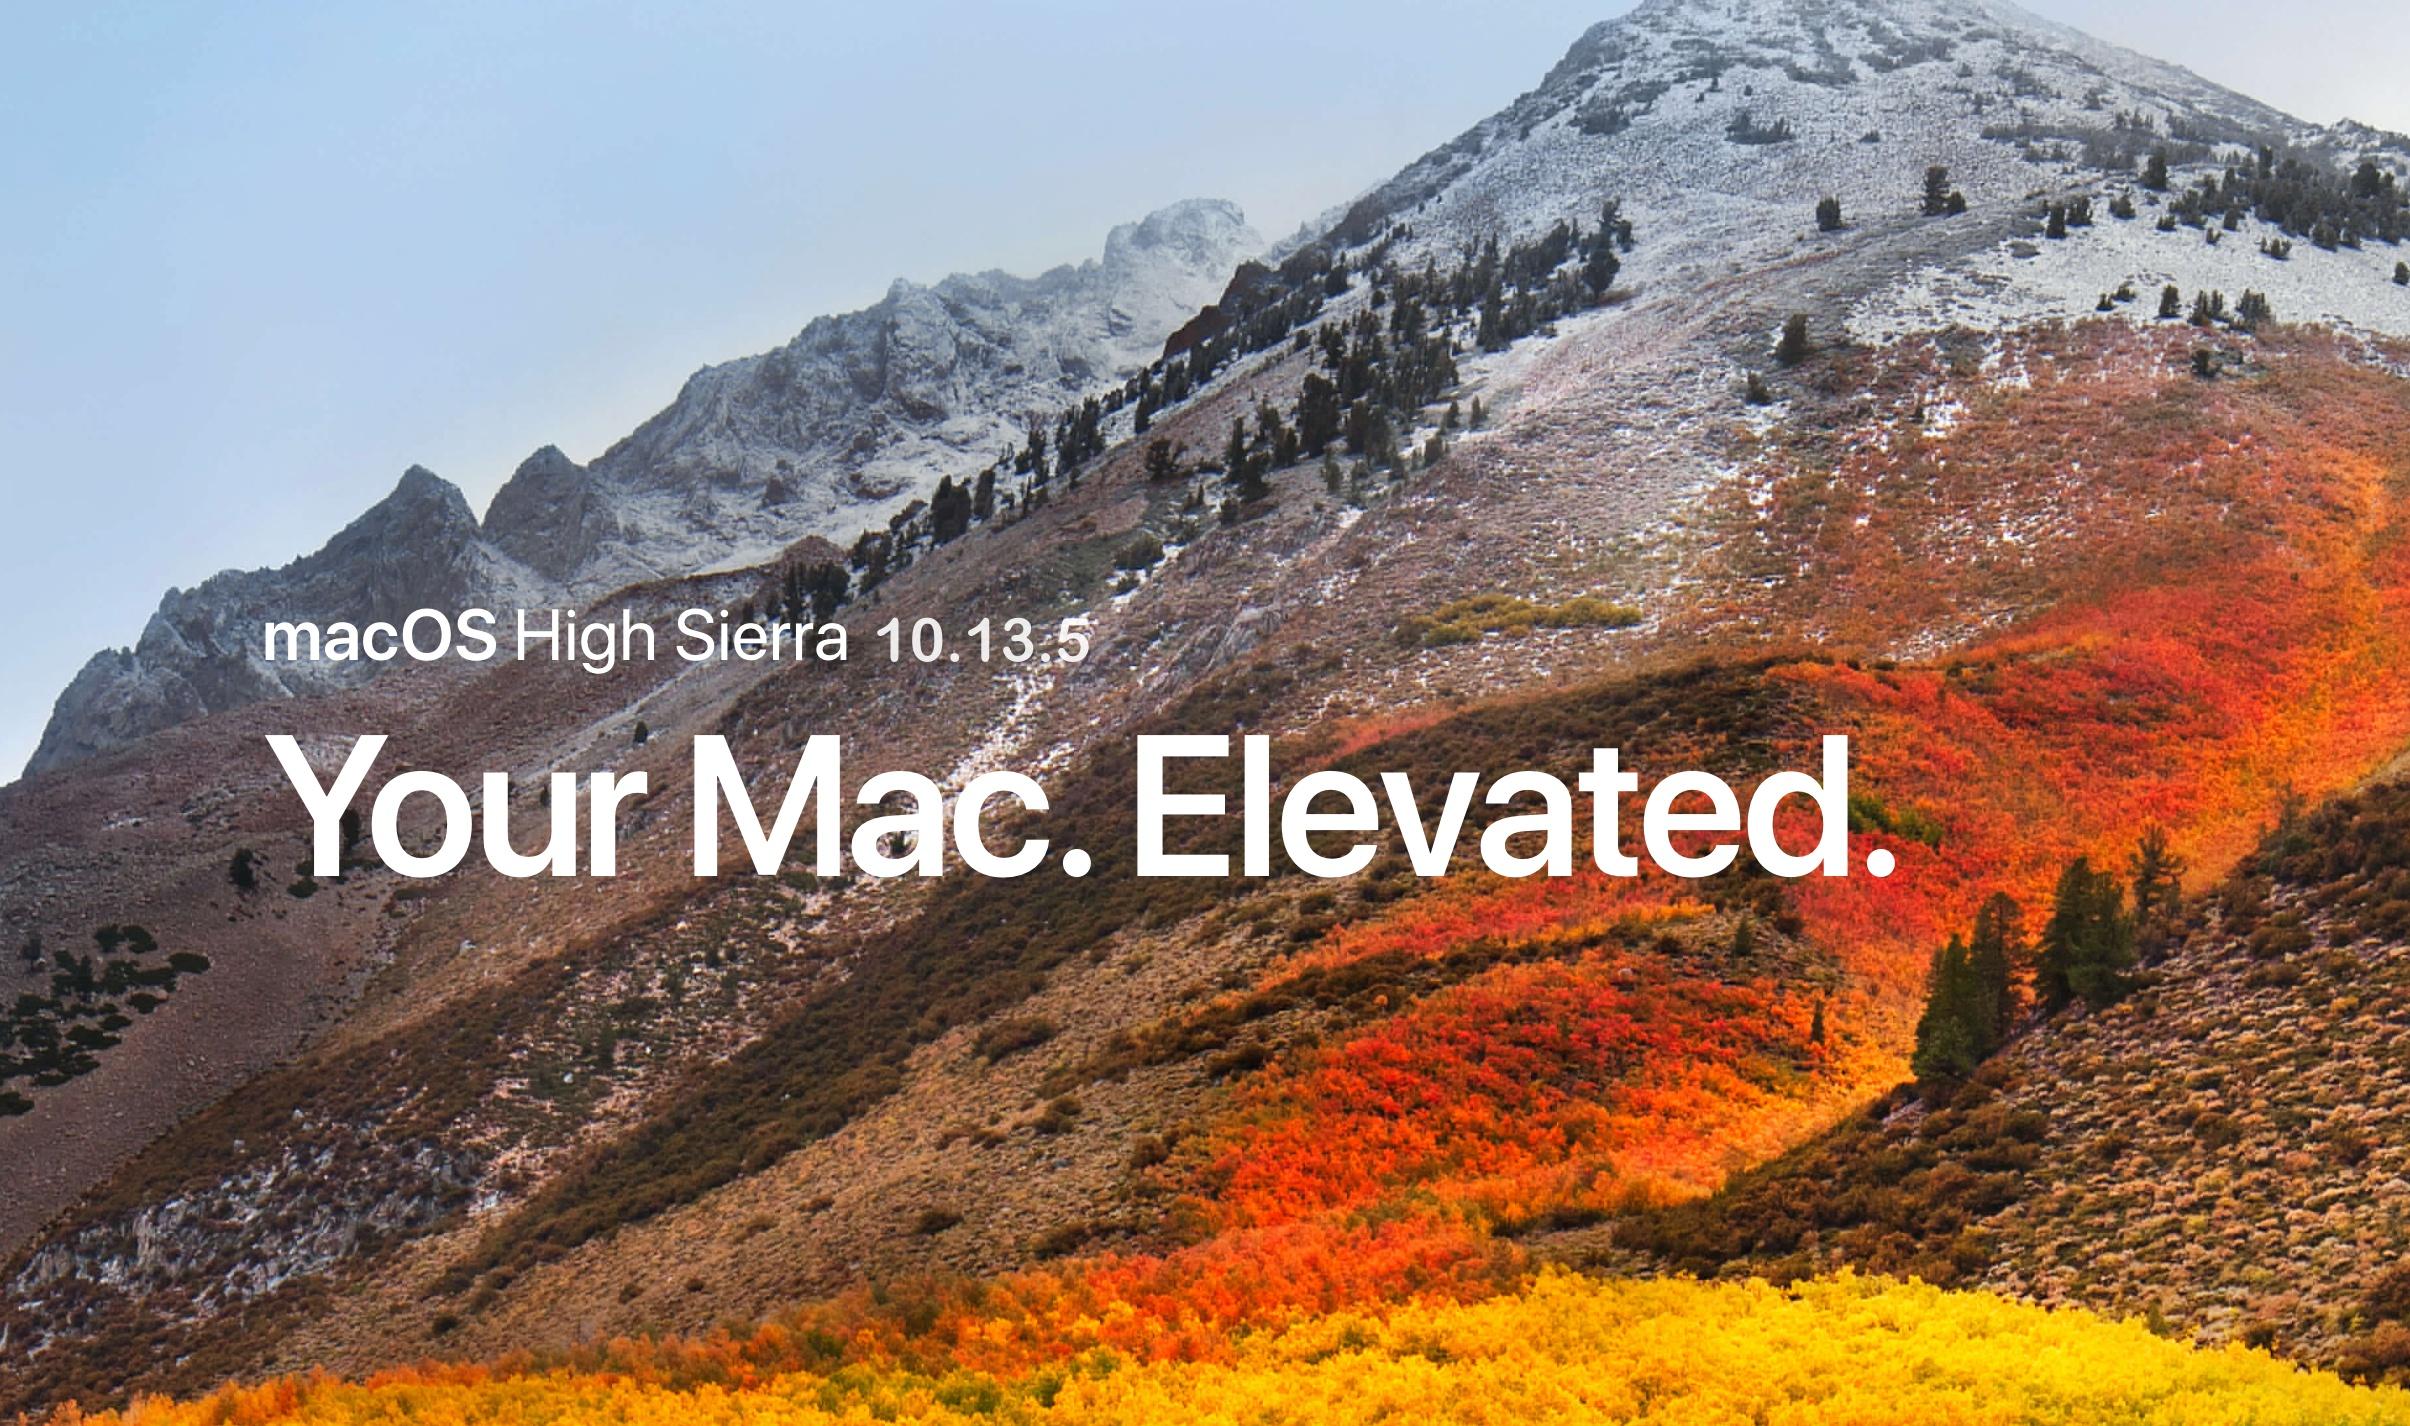 macos high sierra 10 13 5